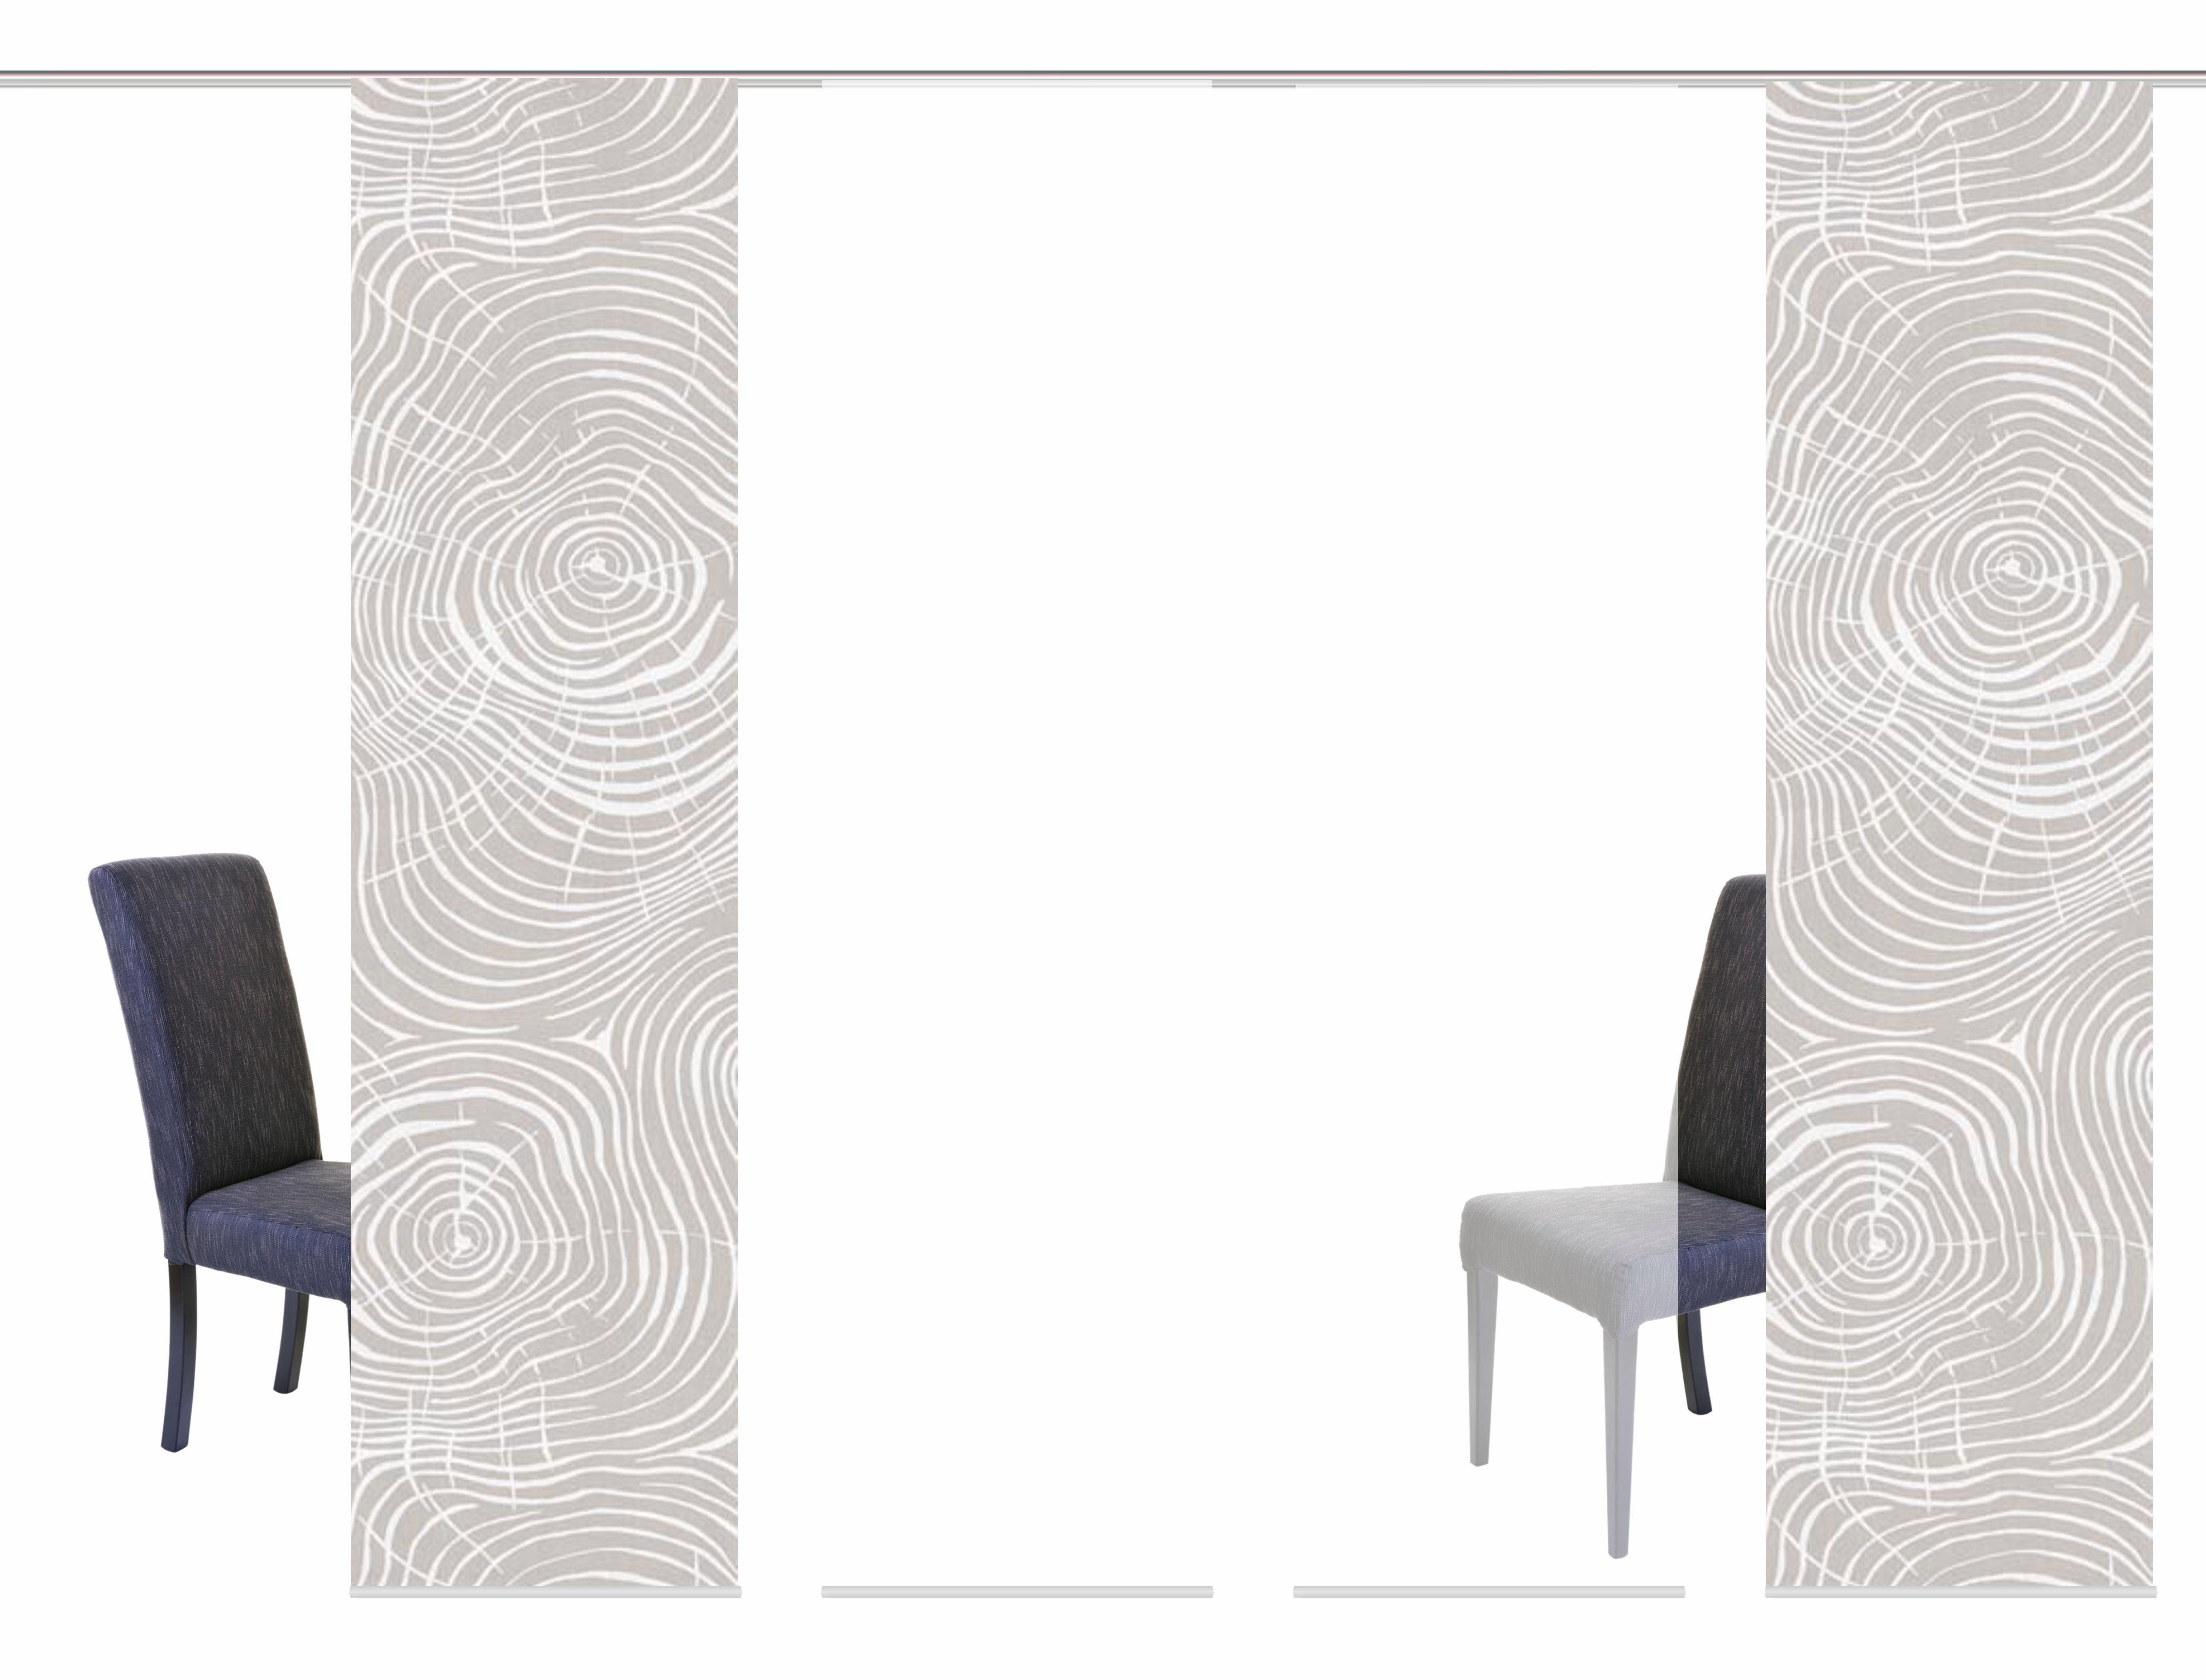 Schiebegardine »MADERAS«, HOME WOHNIDEEN, Klettband (4 Stück), inkl. Befestigungszubehör